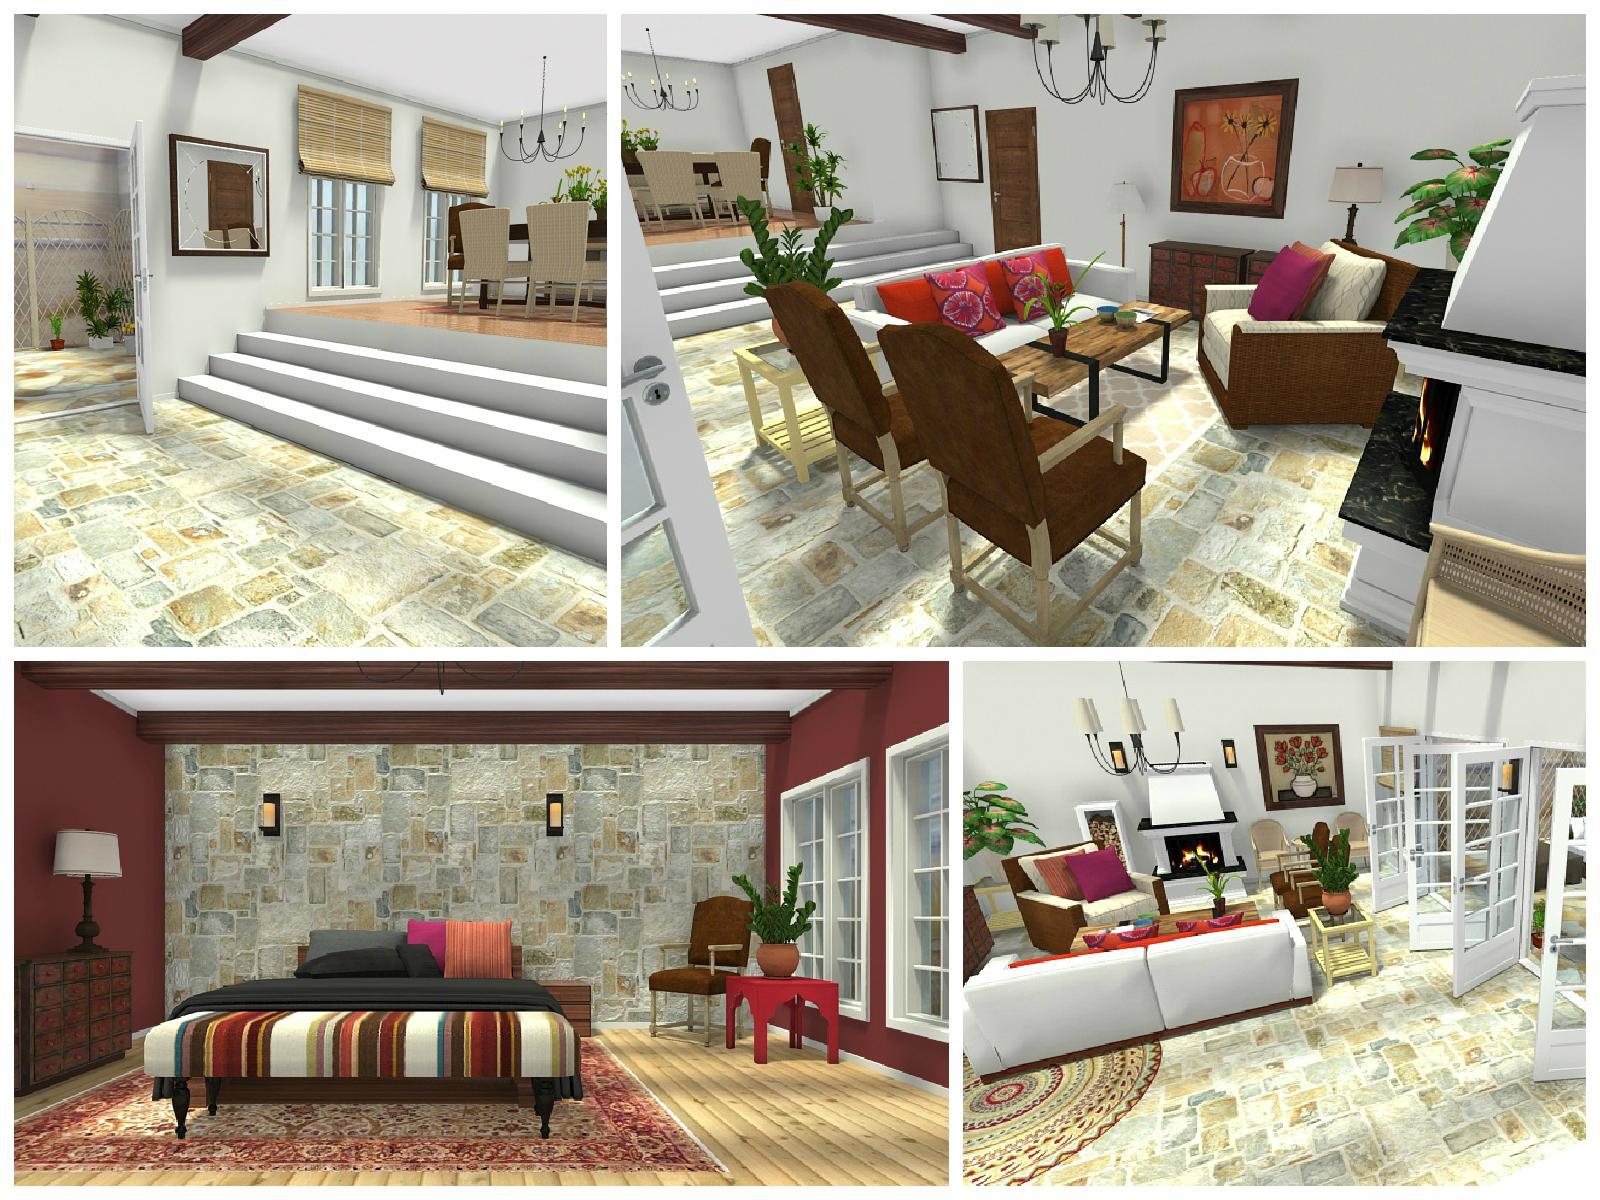 Mediterraner stil bilder ideen couchstyle for Wohnzimmer einrichten 3d